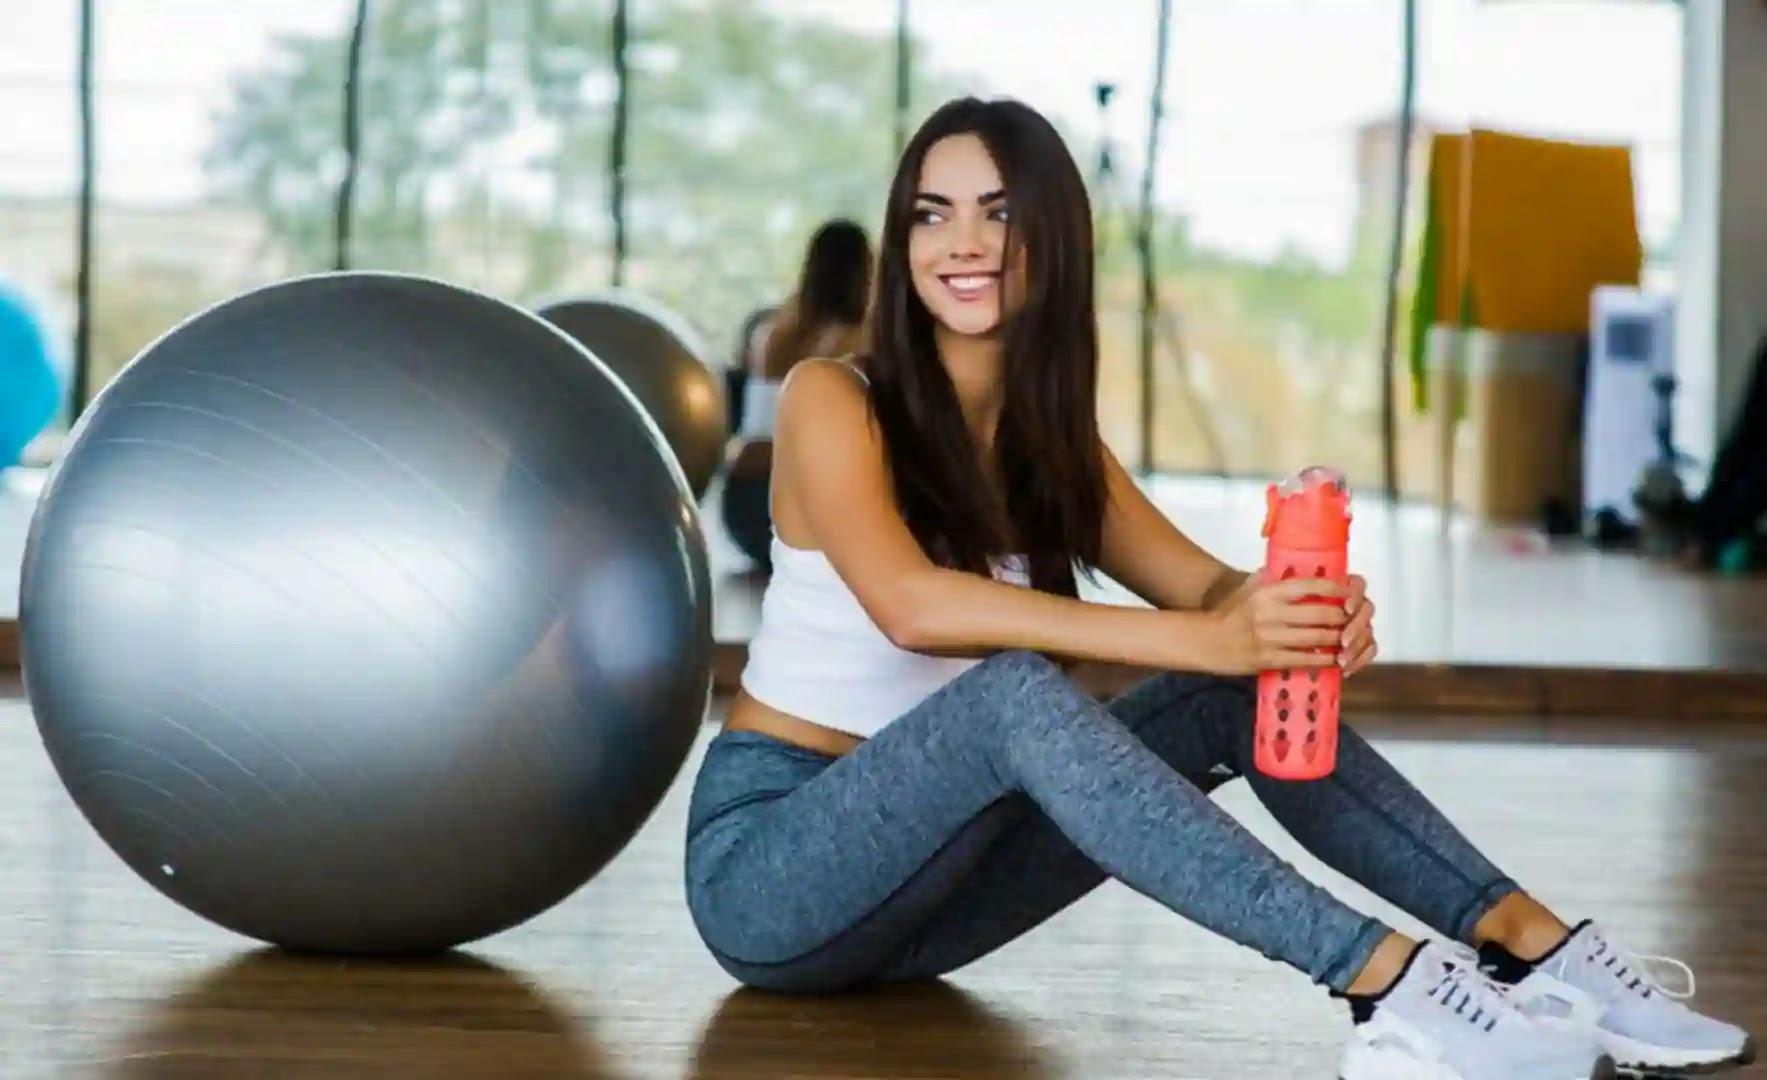 الأنشطة التي تساعد في إصلاح الجسم والتخلص من الإرهاق .. هذا هو الشيء الذي يجب أن تعرفه!